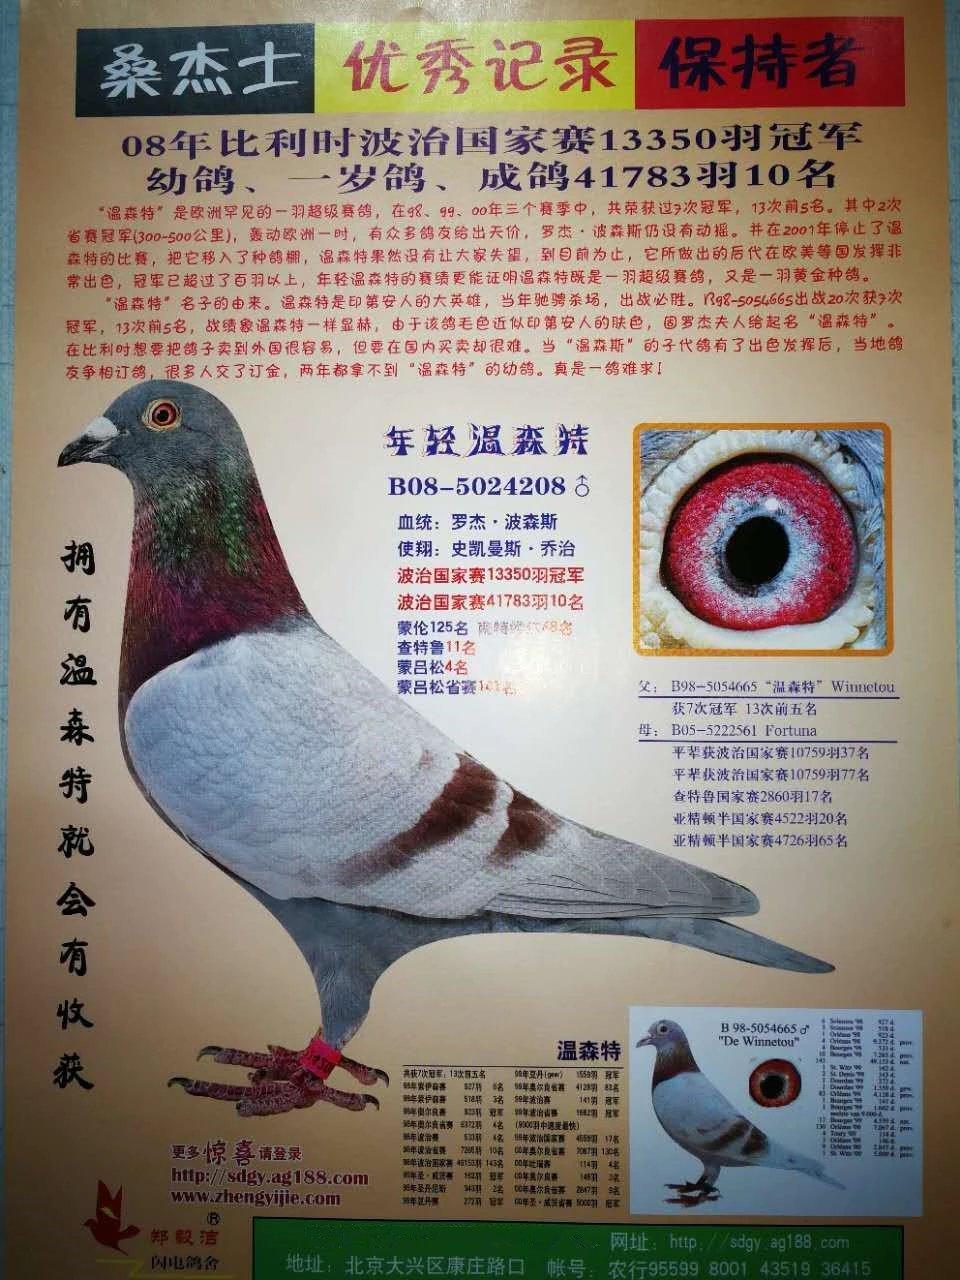 厉兵秣马 休整再战!浙江黄金海岸公棚专访-中国信鸽信息网